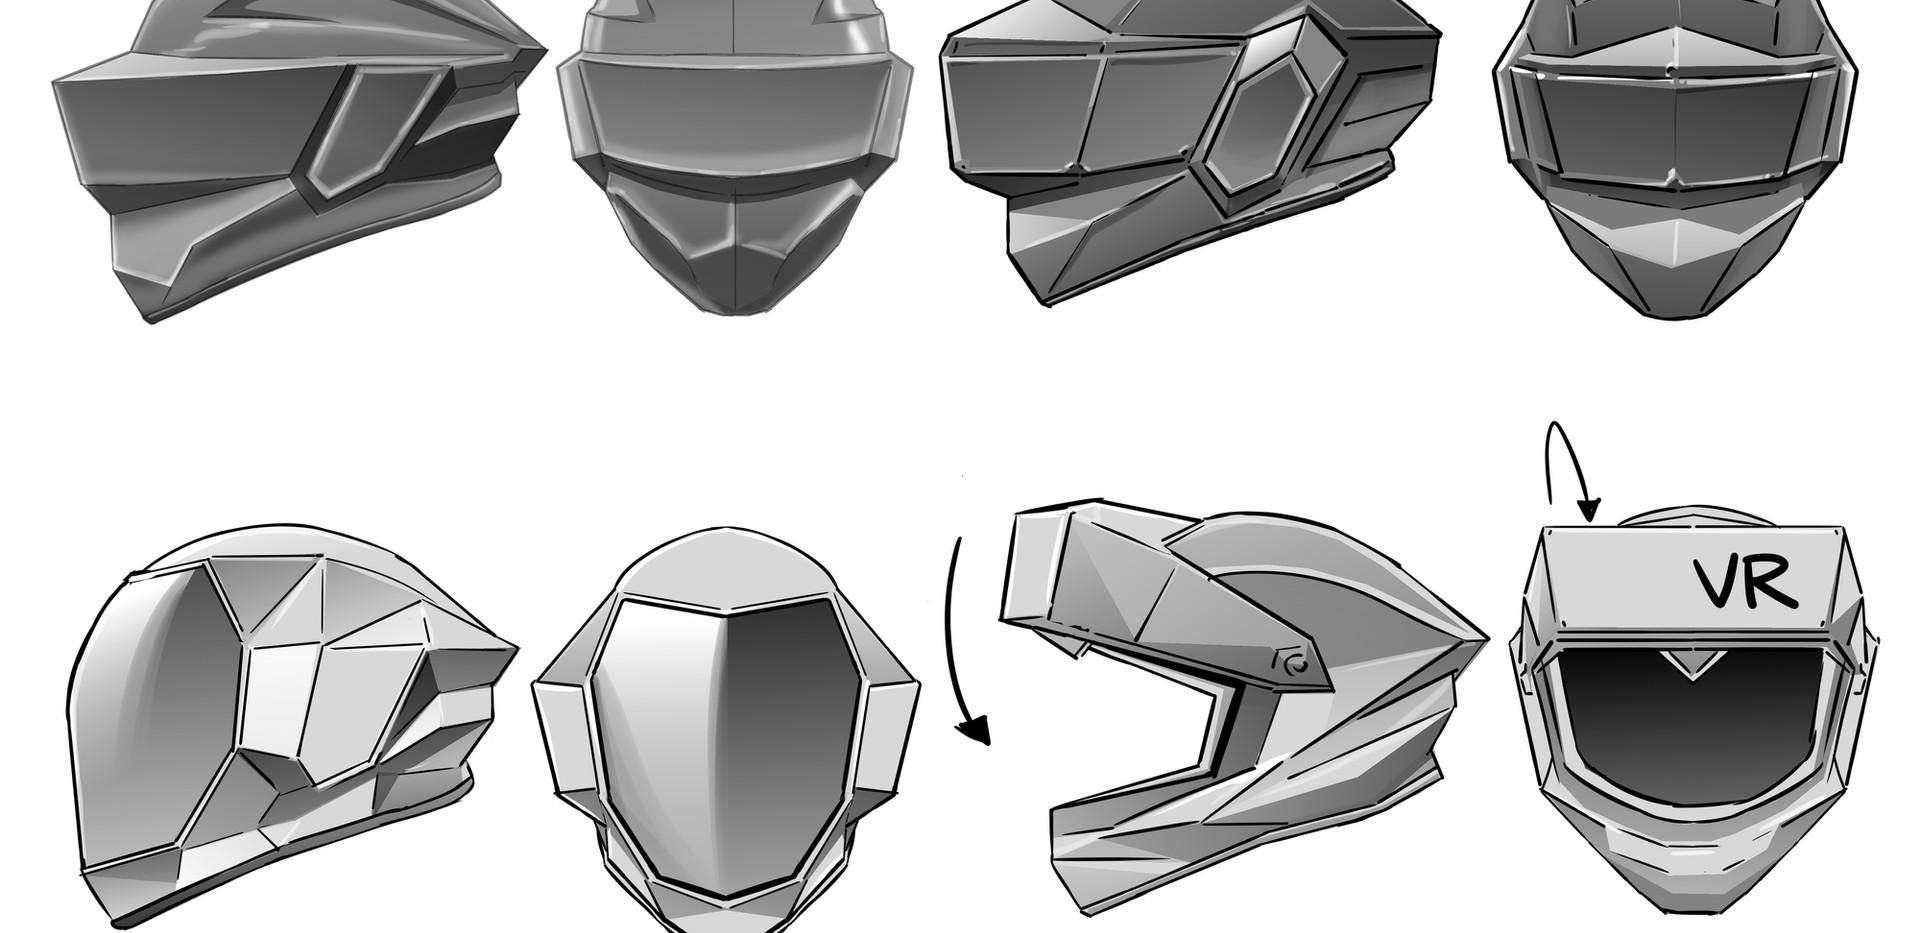 VR Helmet